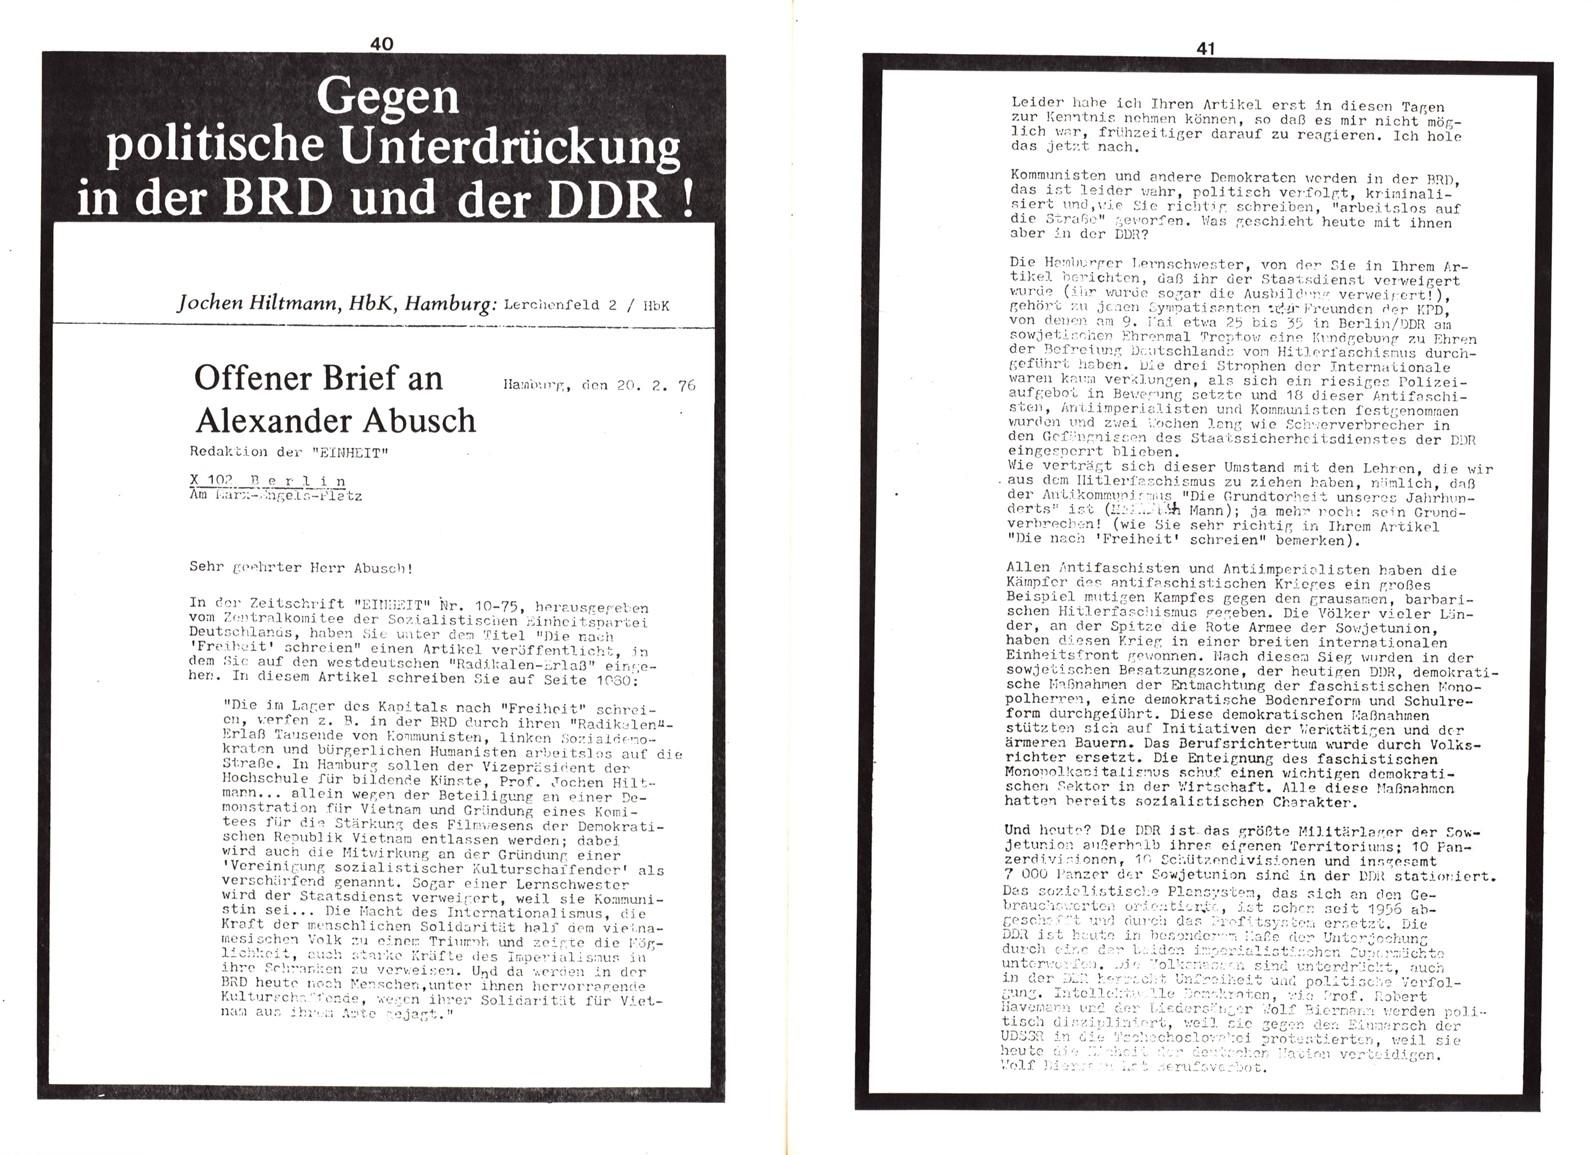 VSK_Kaempfende_Kunst_19760200_Sonderdruck_21